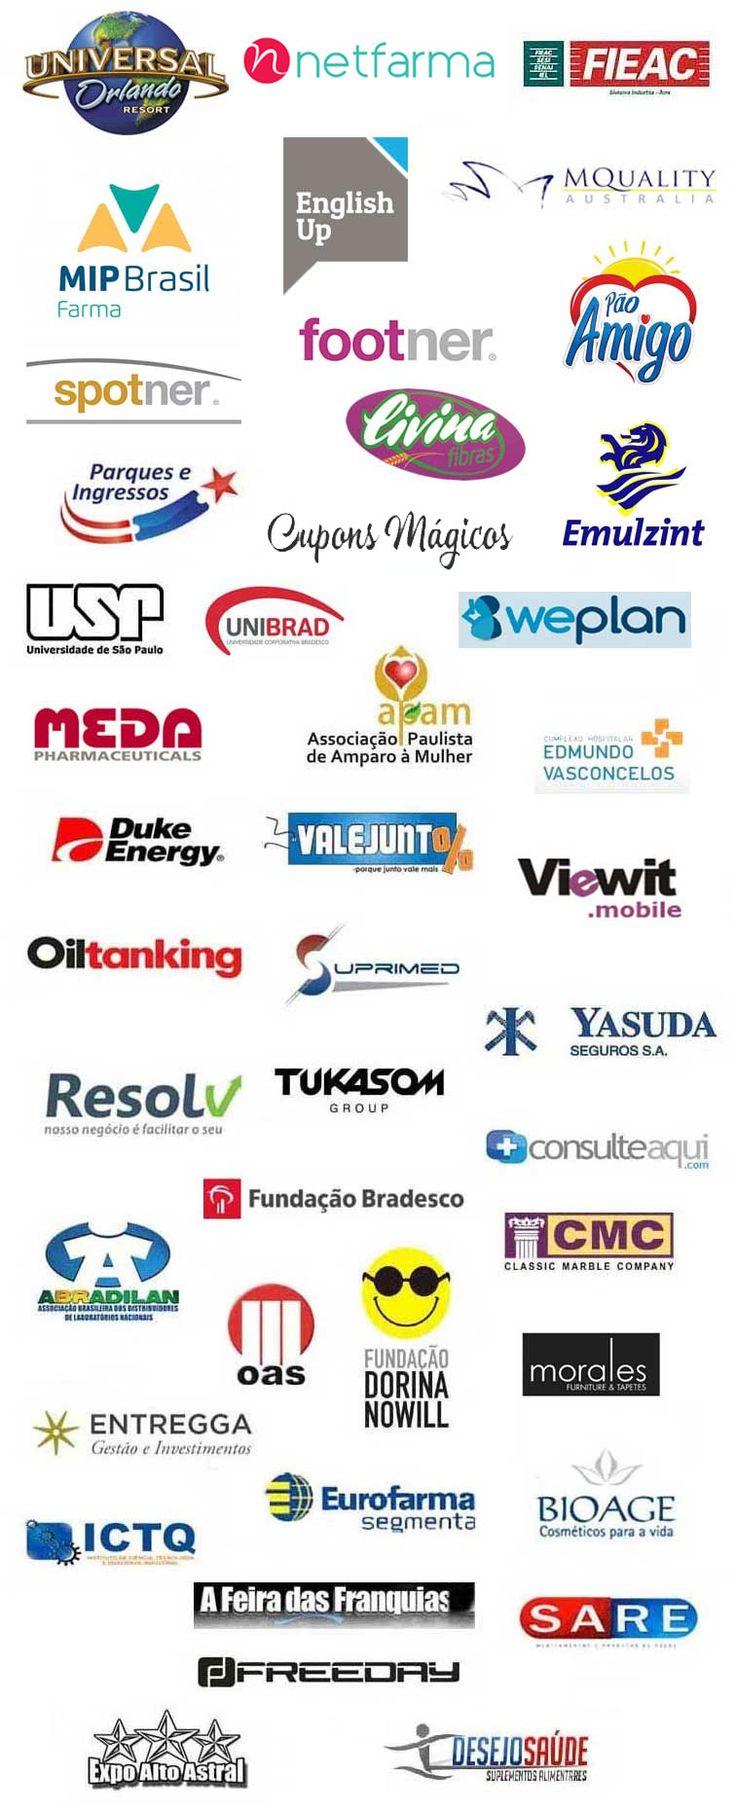 Confira nossa lista de clientes atuais e atendidos! Temos clientes dos setores de Consumo, Saúde, Beleza, Varejo, Finanças, Seguros, Tecnologia, Transporte, Logística, Energia, Educação, Turismo, Moda, Eventos, Entretenimento, Terceiro Setor, Indústria e Associações.